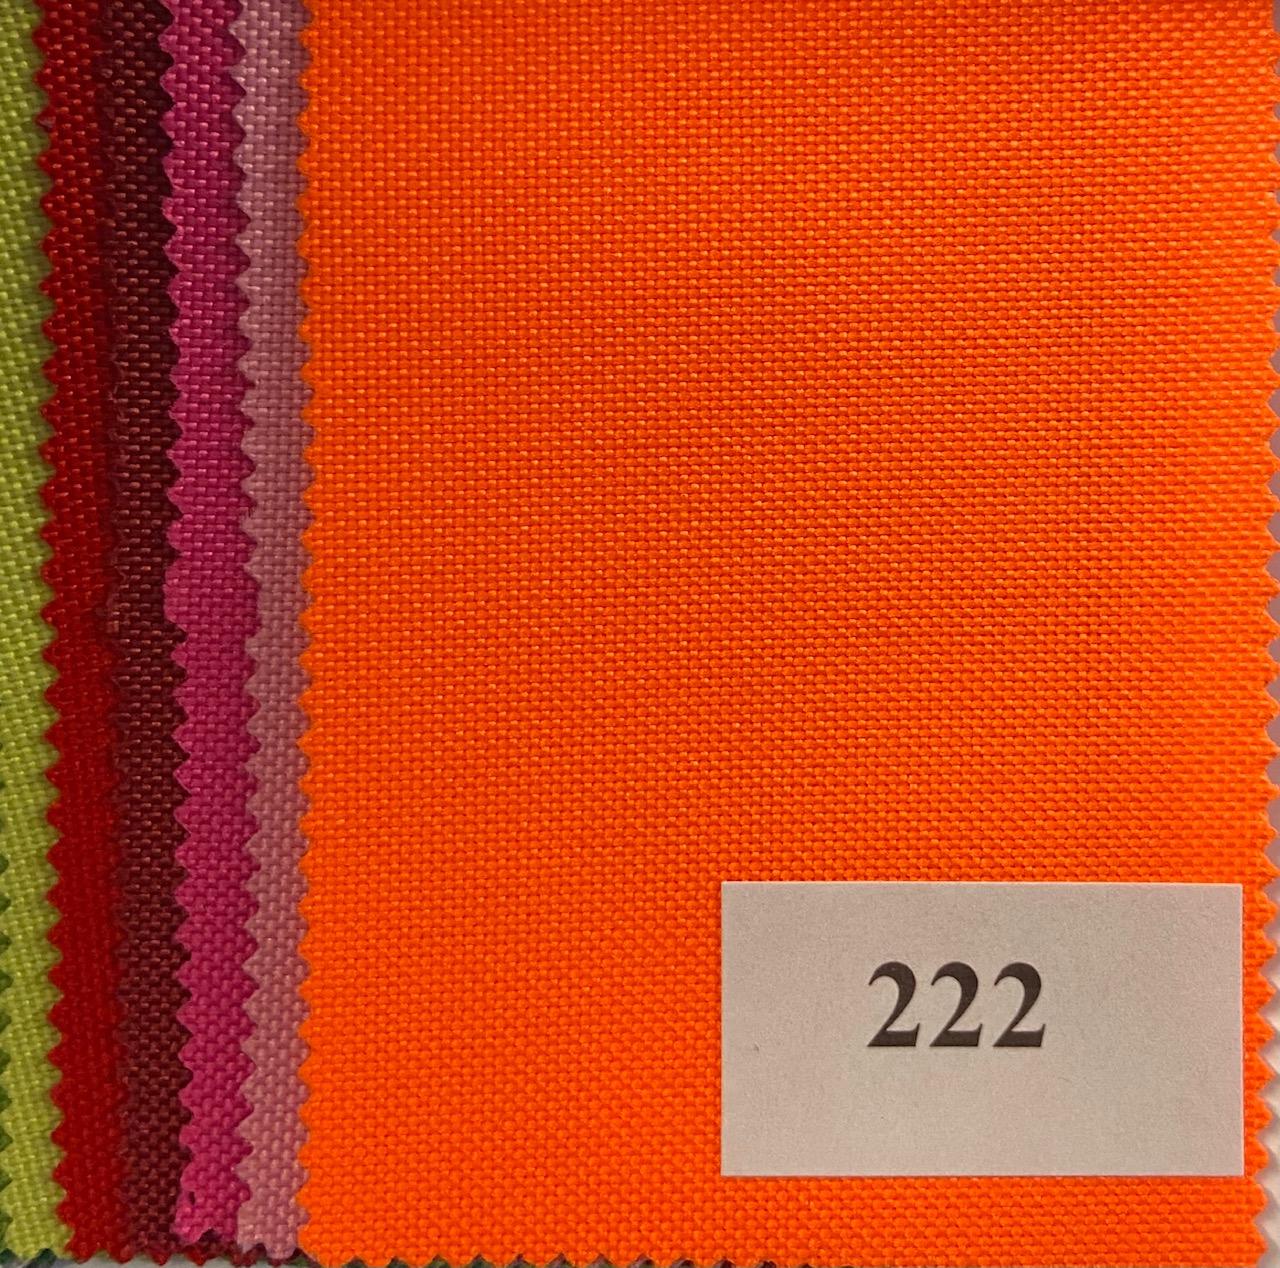 Audums Oxford, bl.200g/m², pl.160cm, spilgti oranžs. 100% poliesters. Bezmaksas piegāde!